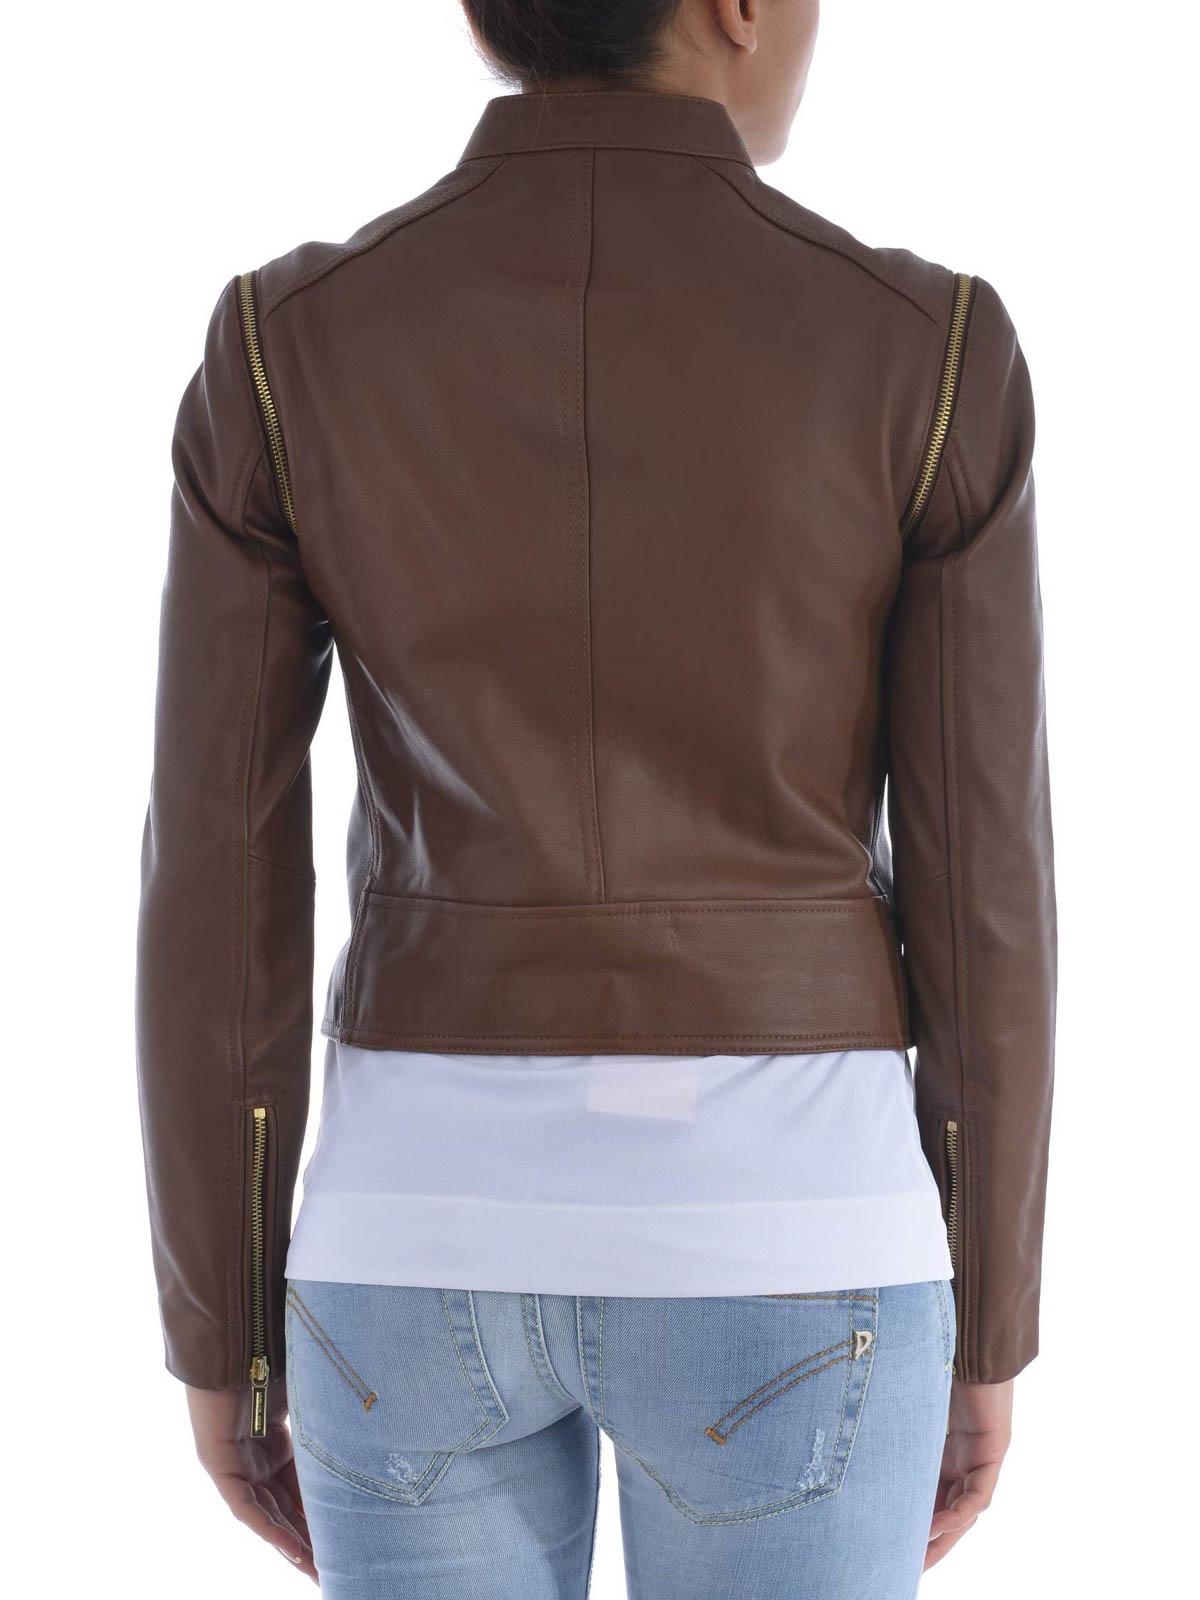 Michael kors leather motorcycle jacket